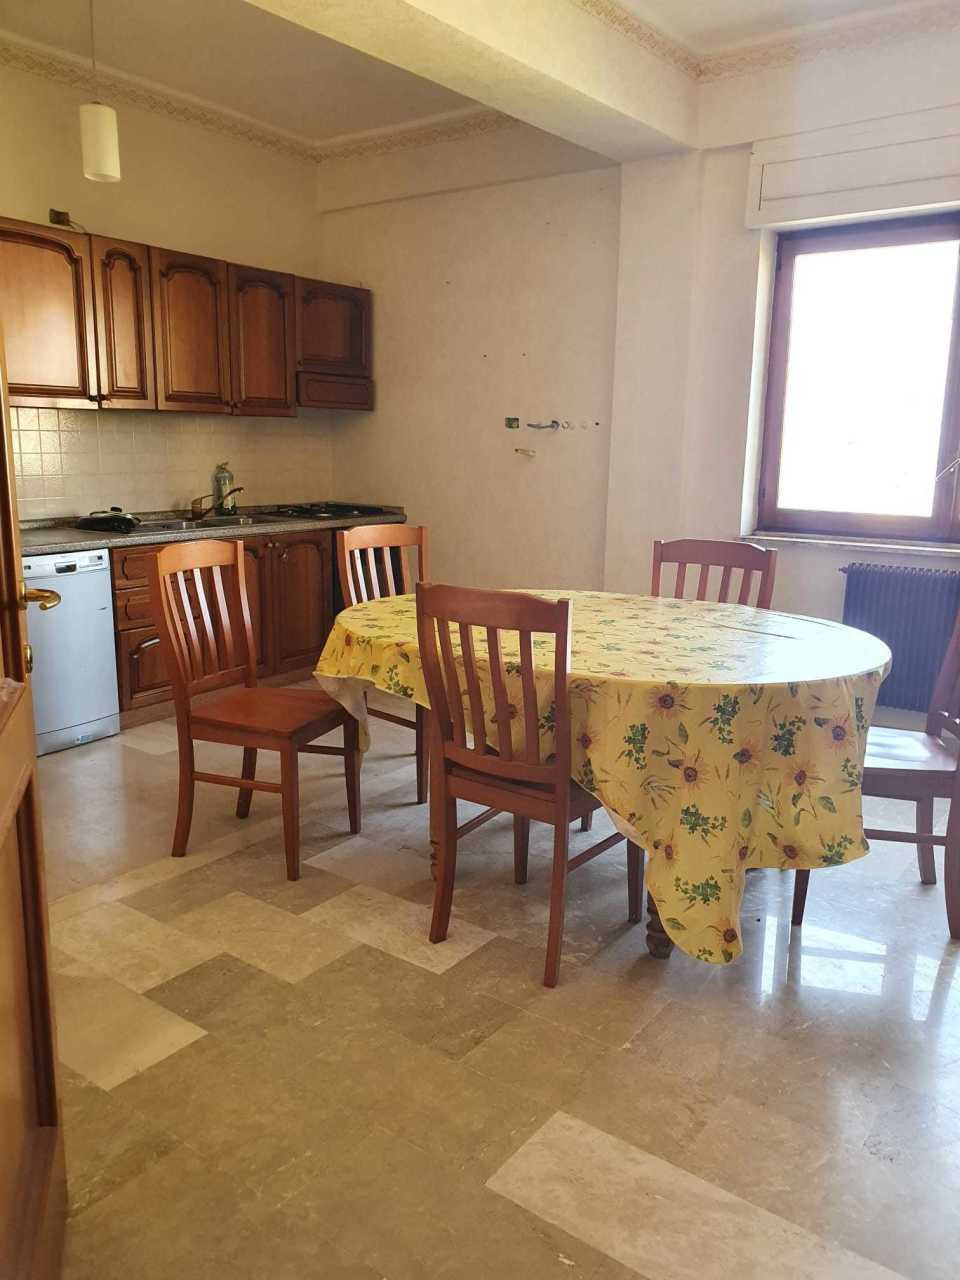 Appartamento in vendita a Reggio Calabria, 5 locali, prezzo € 90.000 | CambioCasa.it